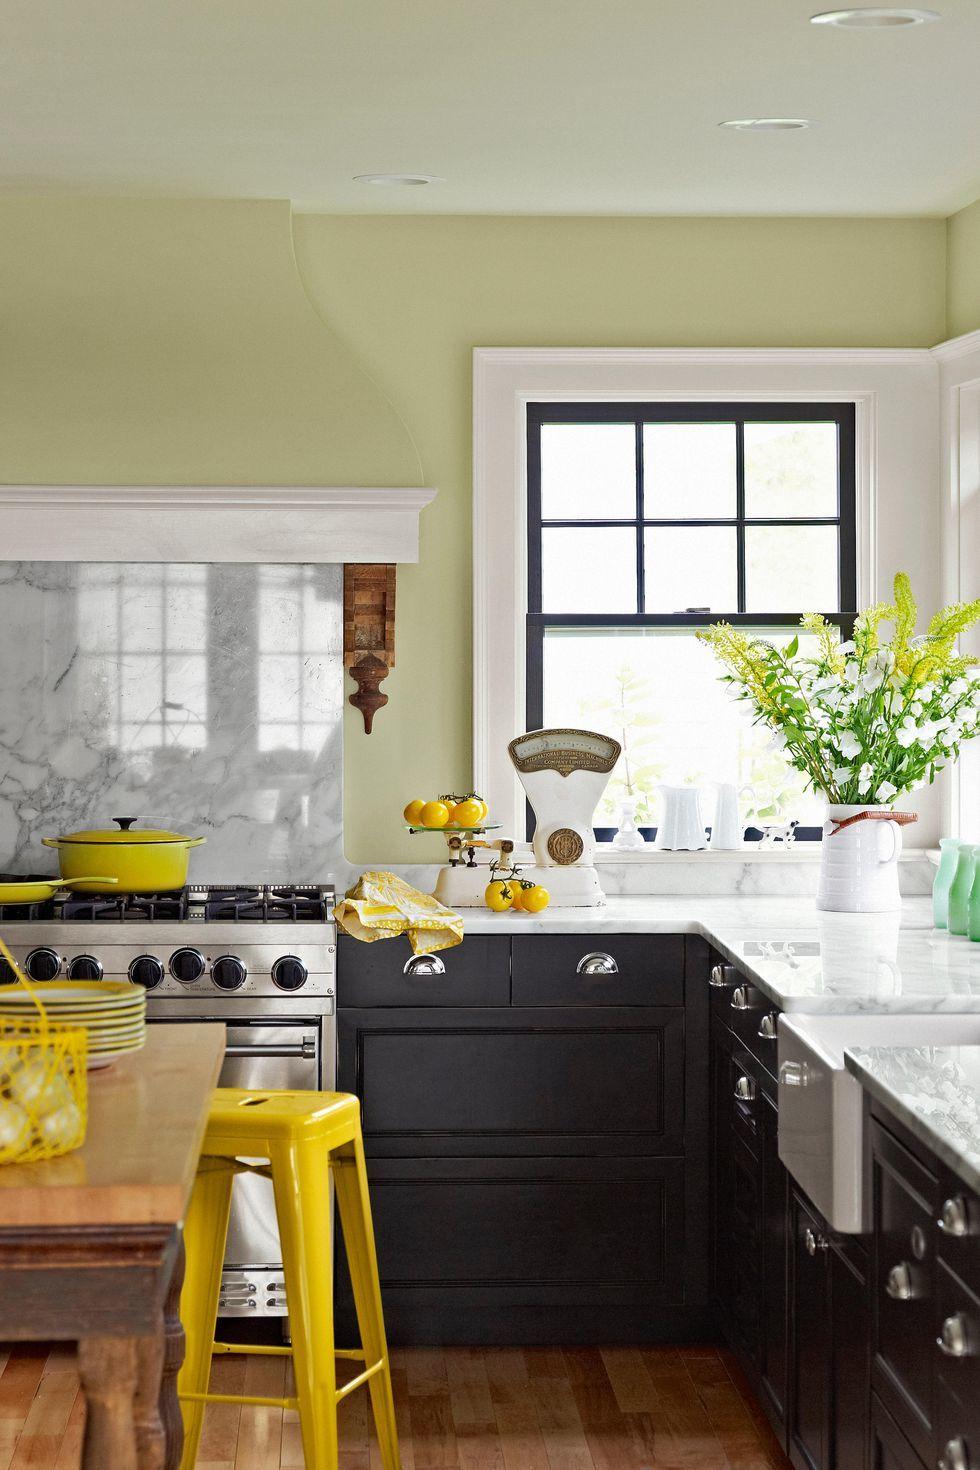 Không gian đơn giản, ánh sáng trắng kết hợp với sơn tường sáng giúp không gian bếp sáng hơn